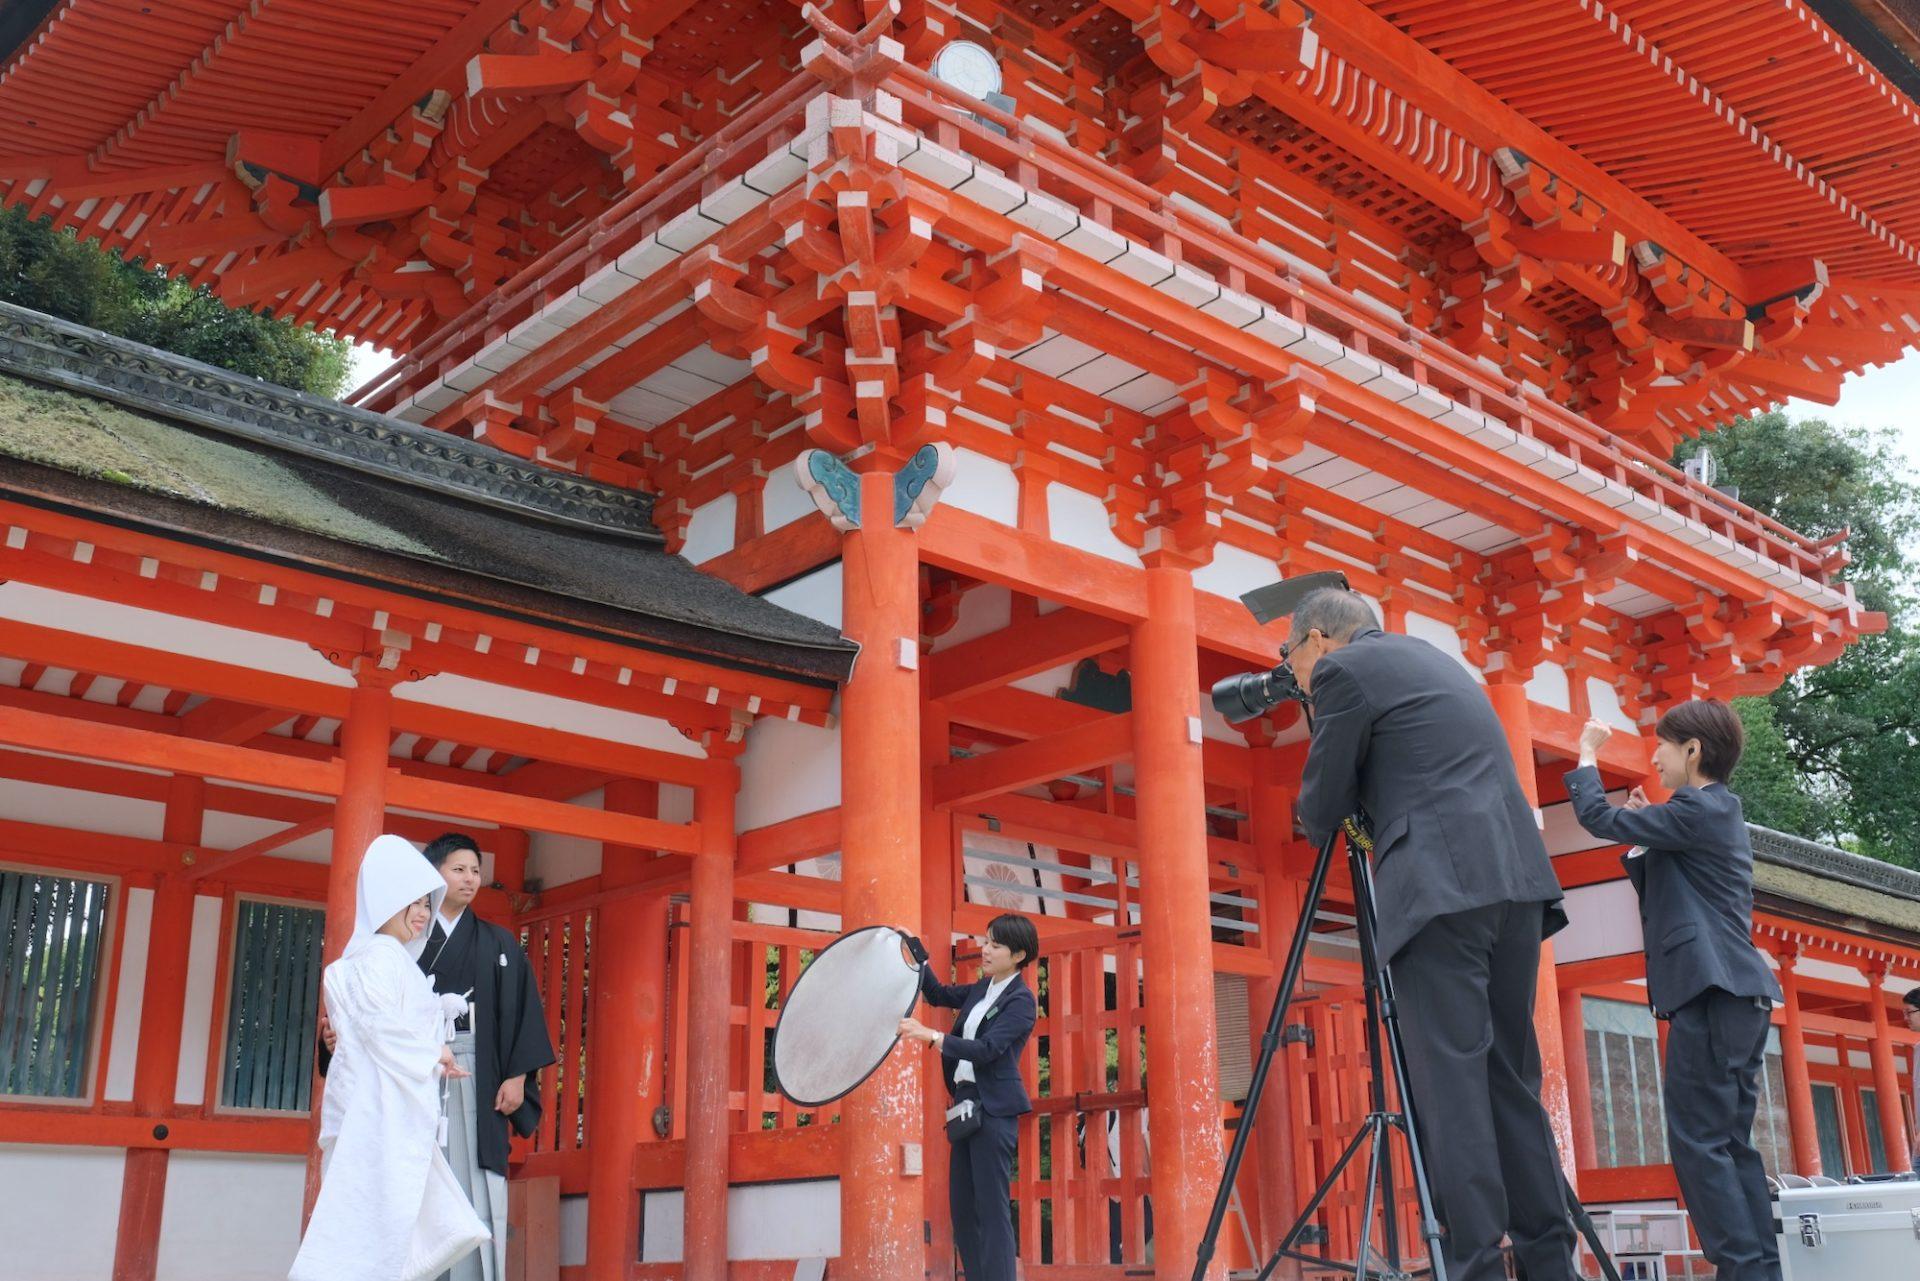 白無垢綿帽子で下鴨神社の結婚式